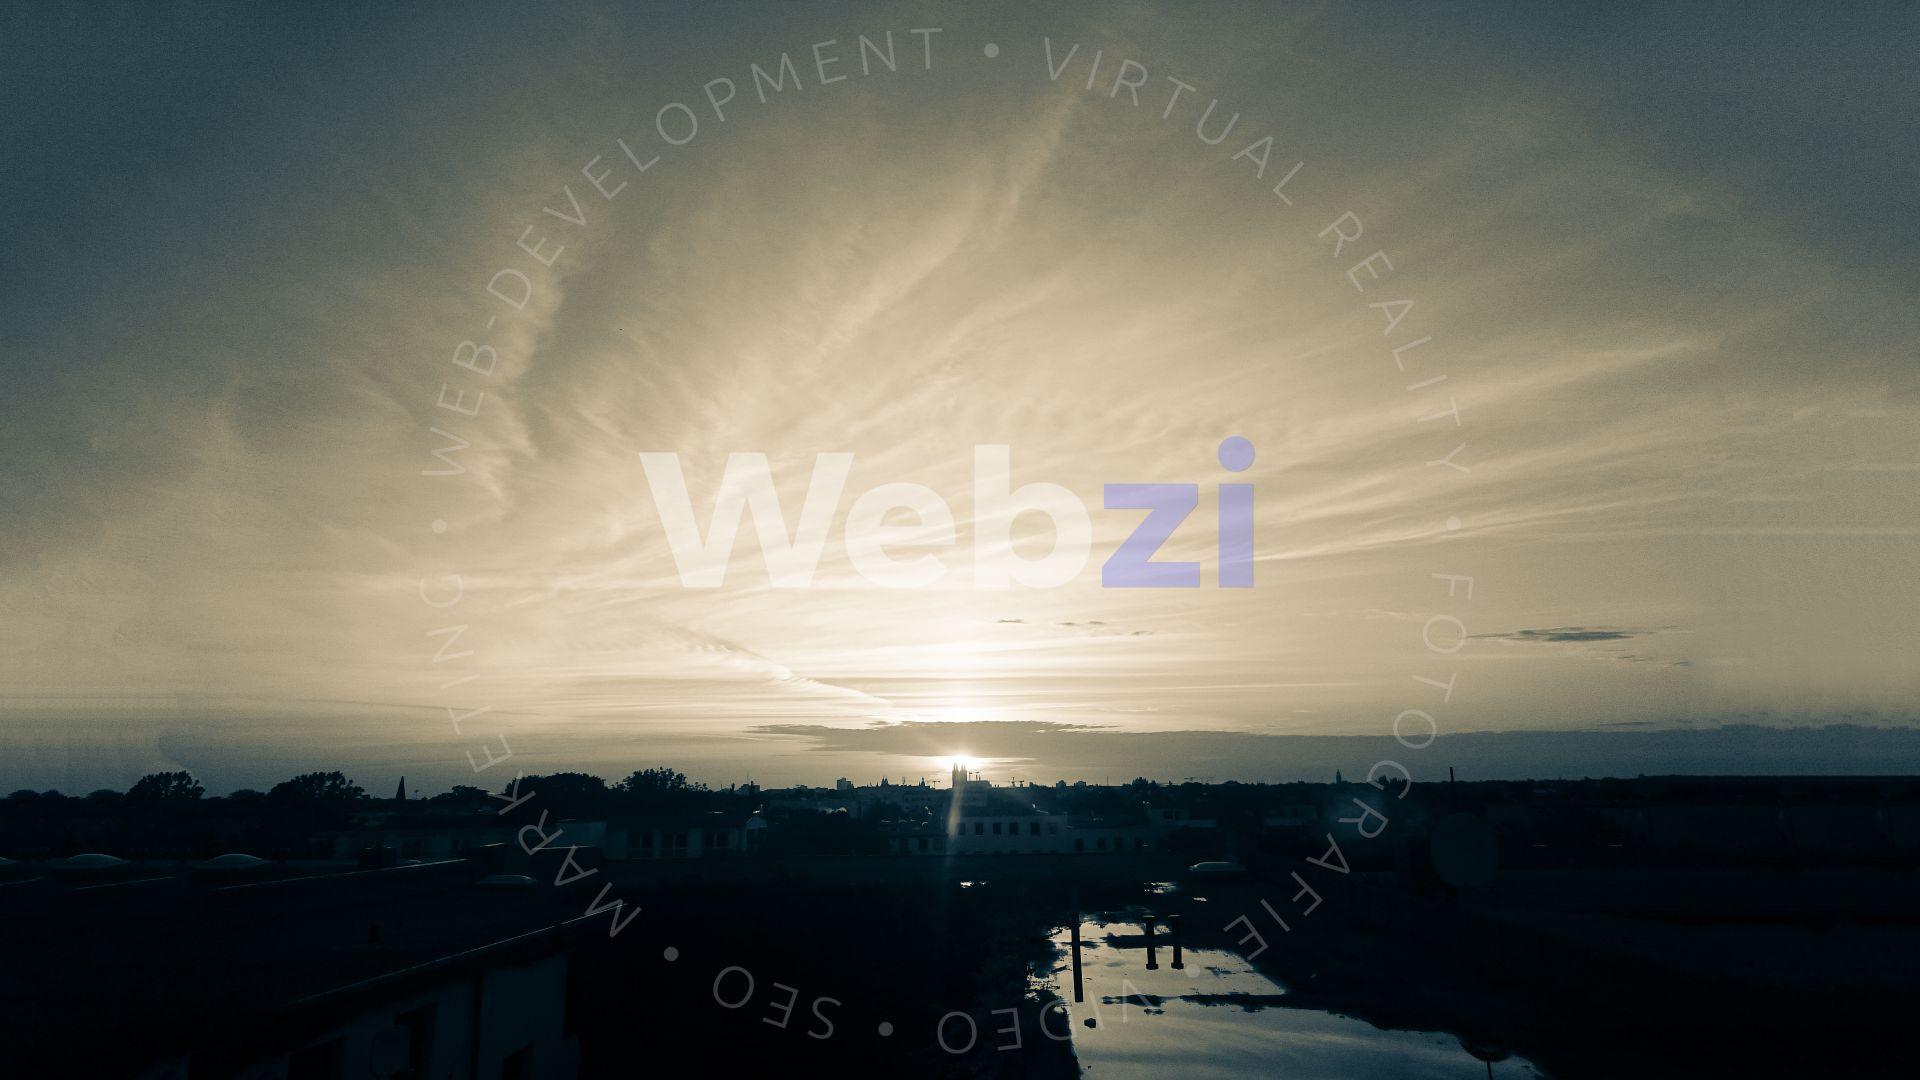 Webzi - Medien & Marketing aus Magdeburg